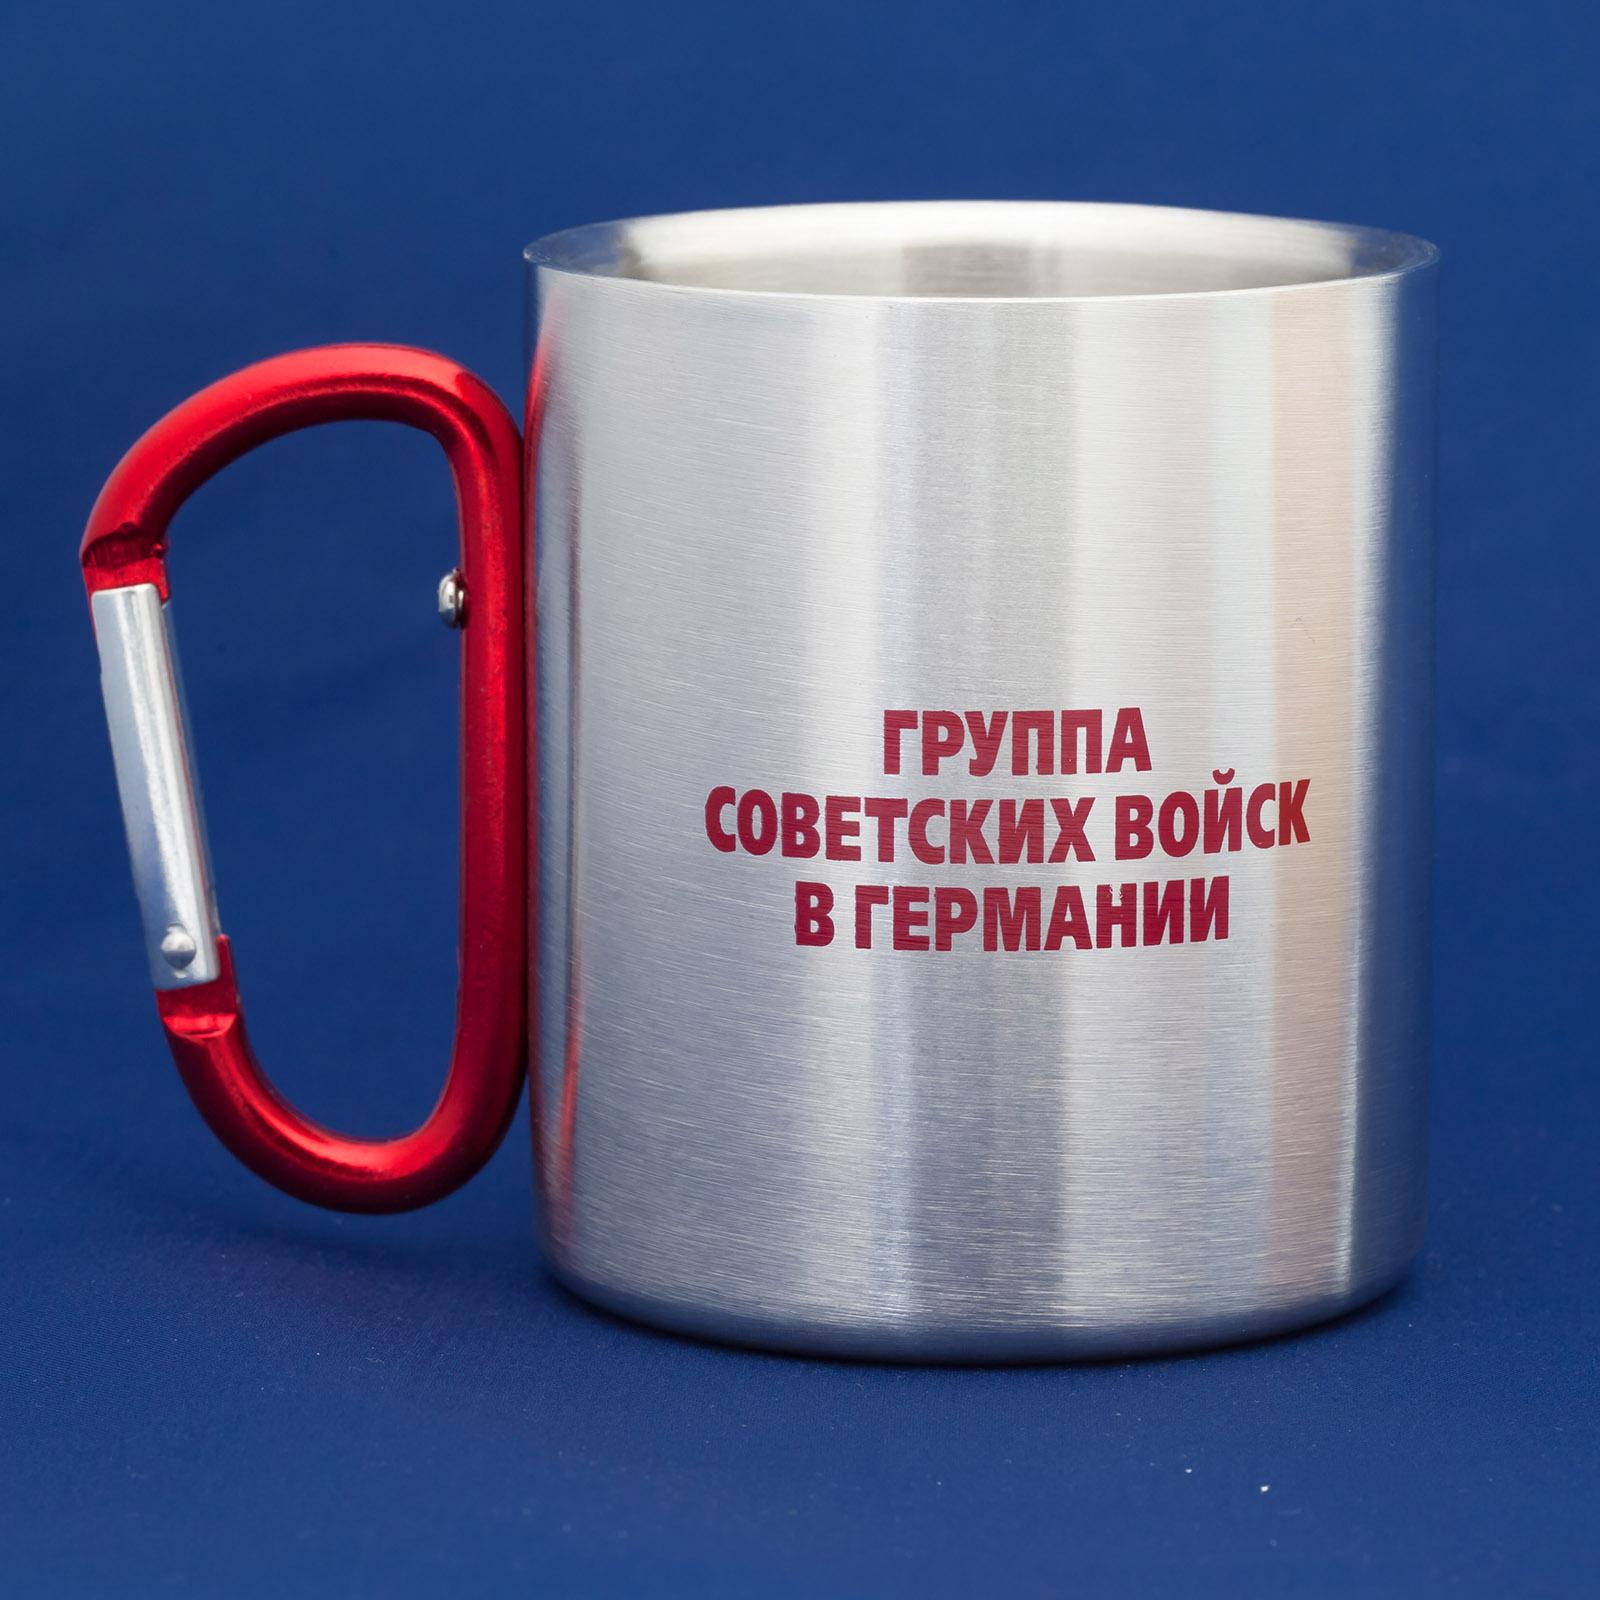 Алюминиевая кружка-подарок ГСВГ. - купить онлайн